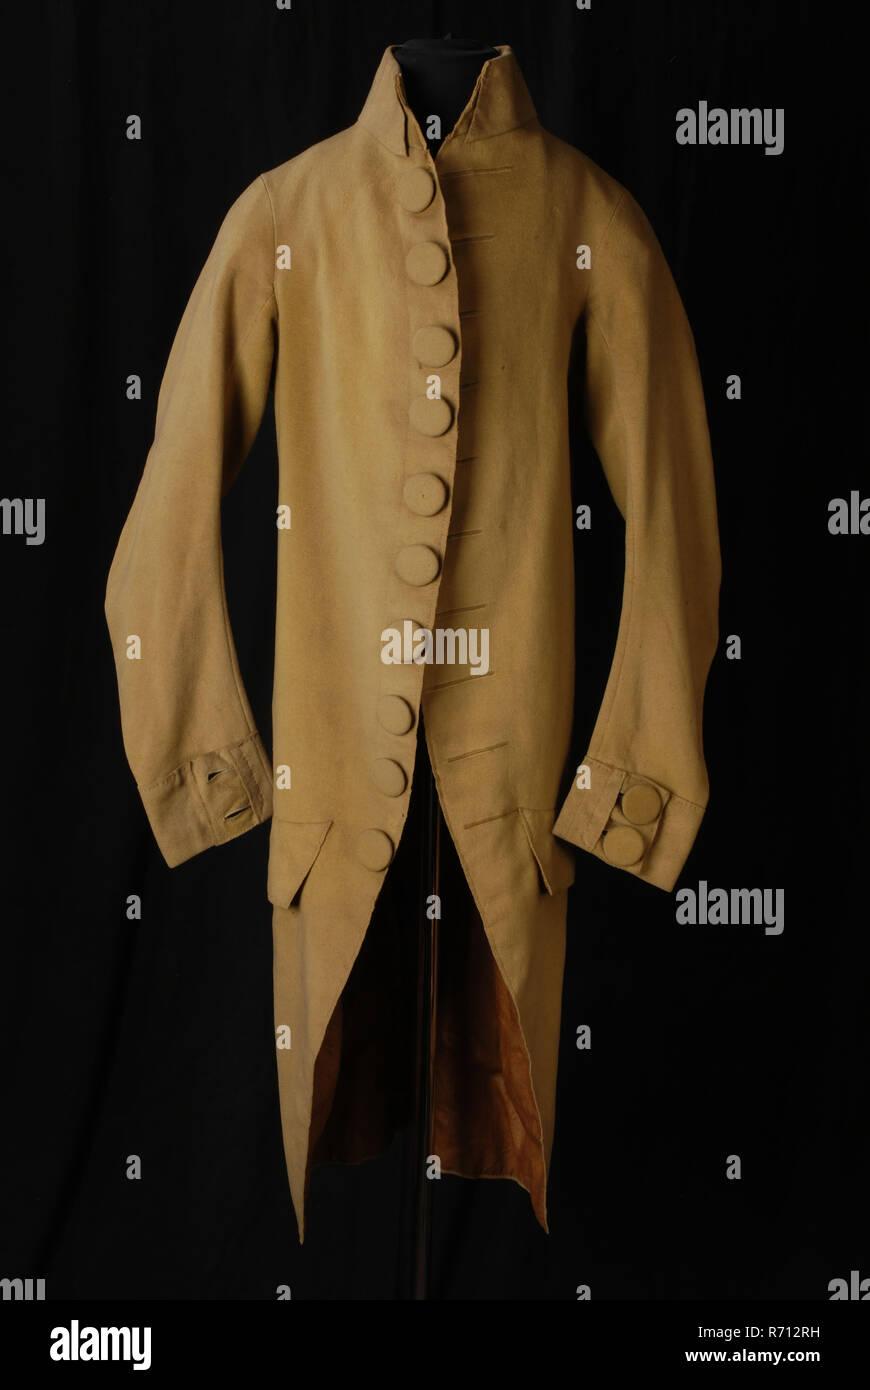 a929f94b1291 Kleid von grünlich-gelben Tuch, mit Leinen gefüttert, Pyjama rock Mantel  Jacke kleid